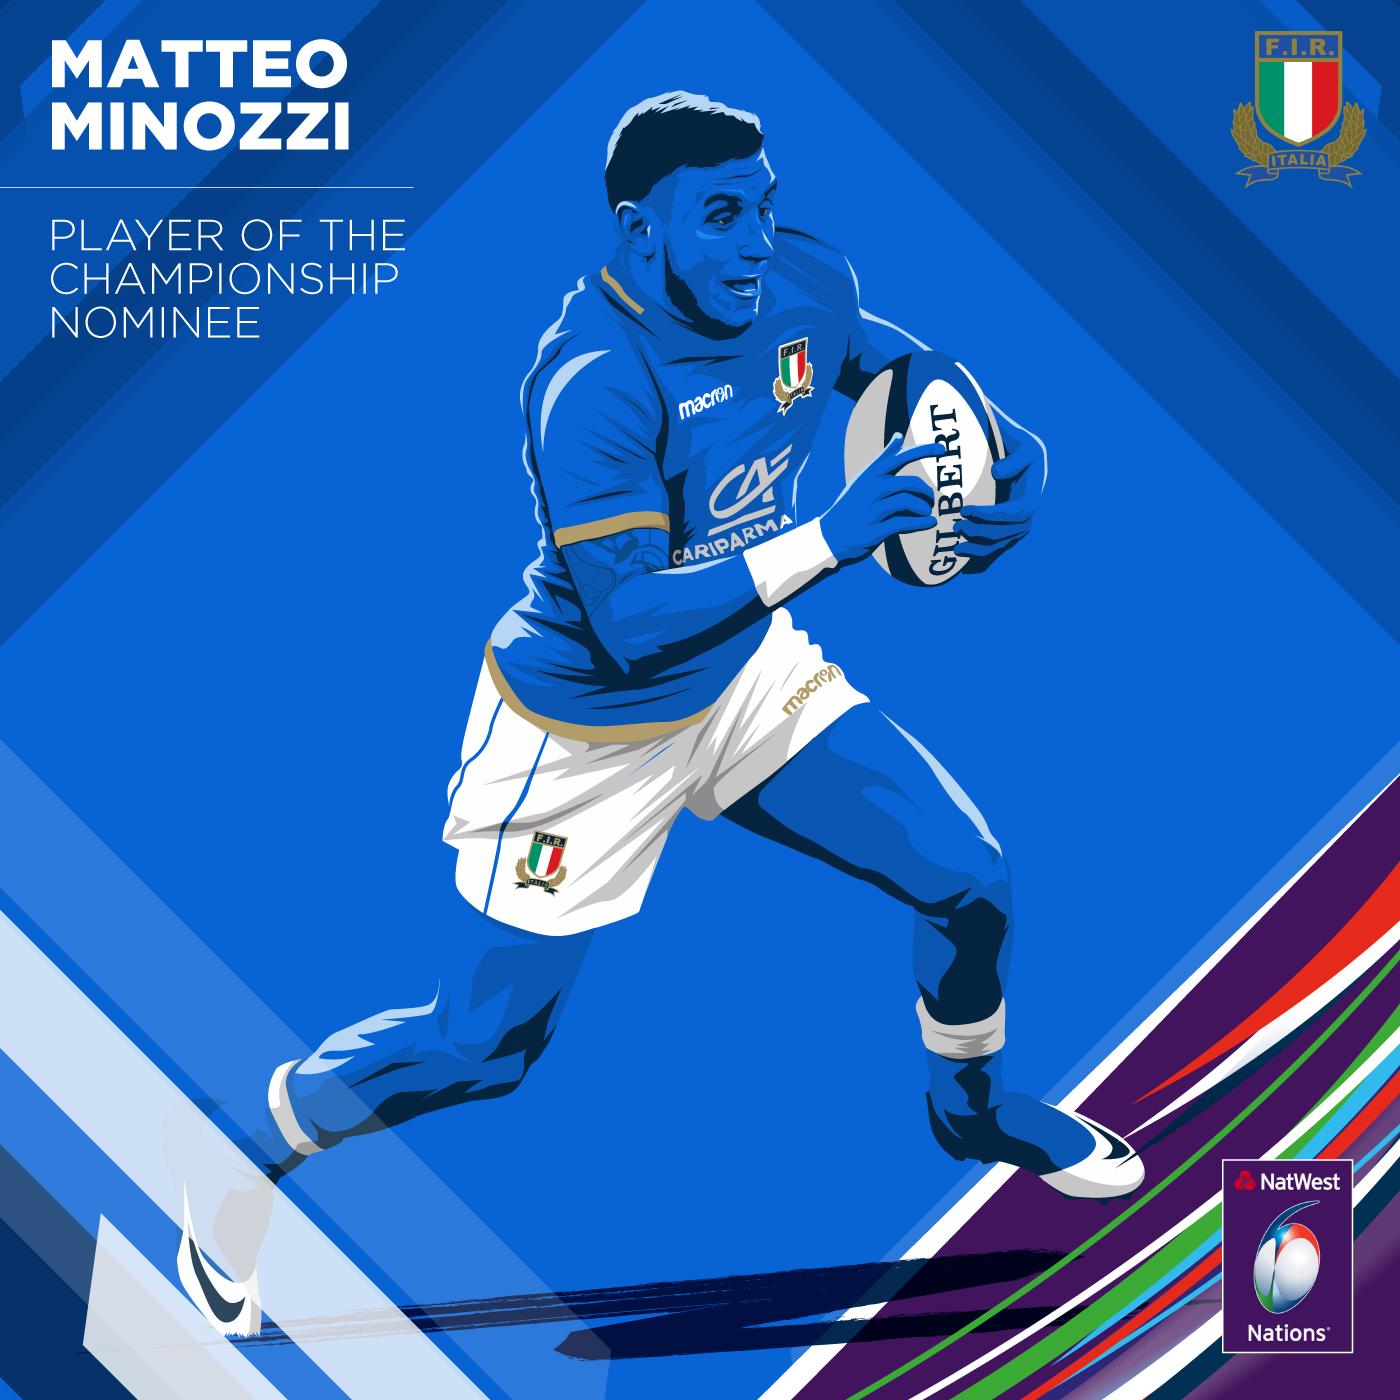 Matteo-Minozzi-POTC-14-03-18